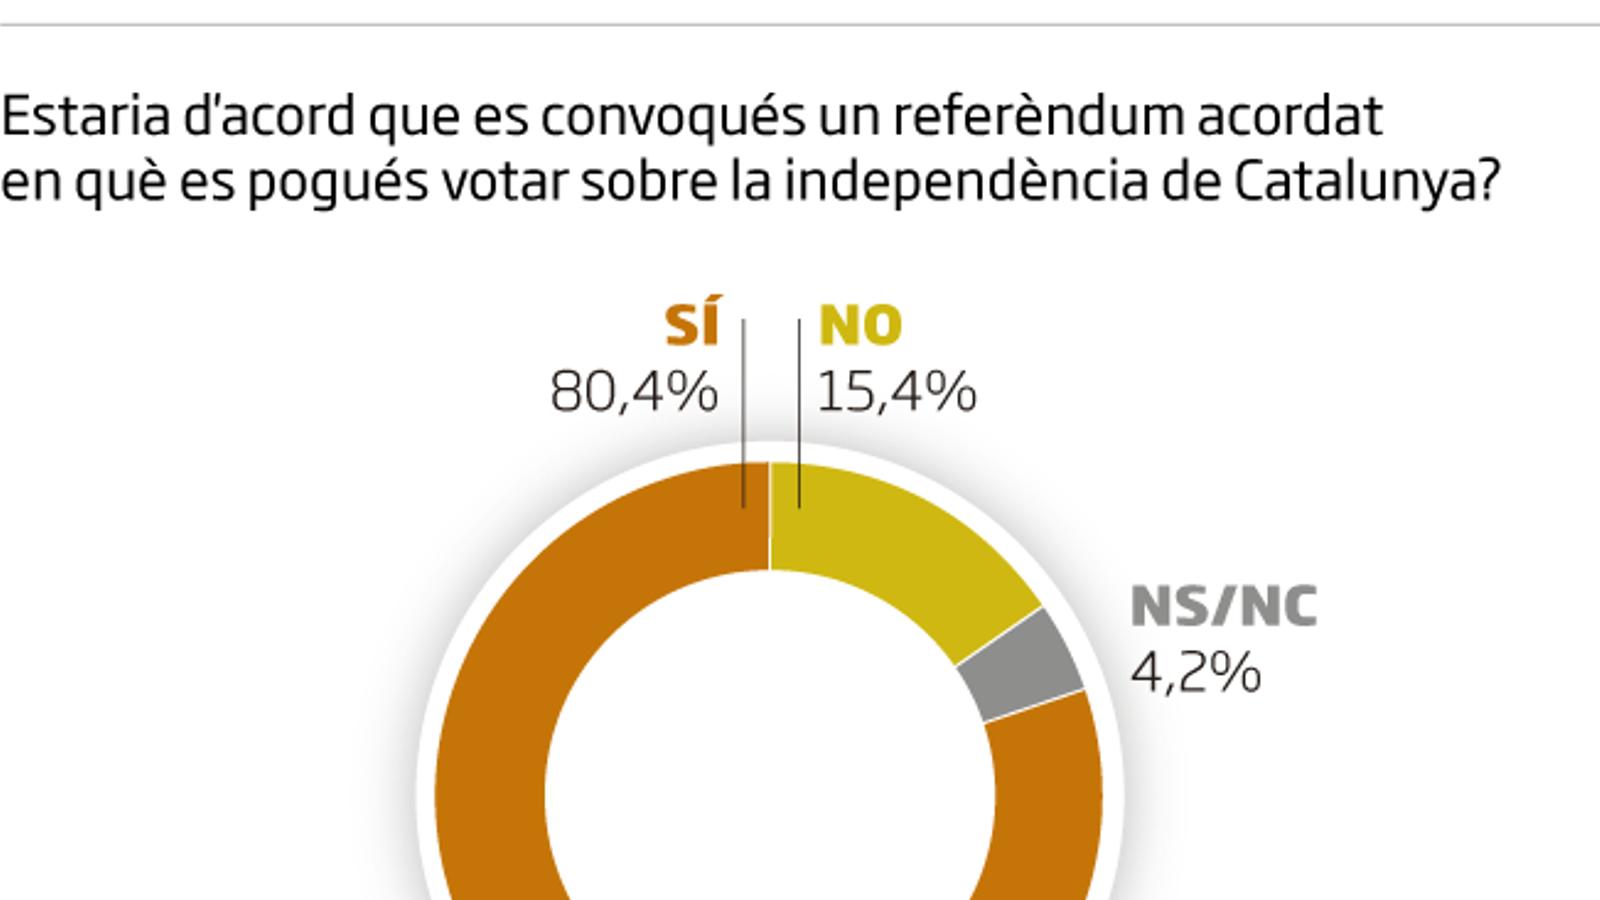 Enquesta de l'ARA: El 80% dels catalans són partidaris d'un referèndum acordat